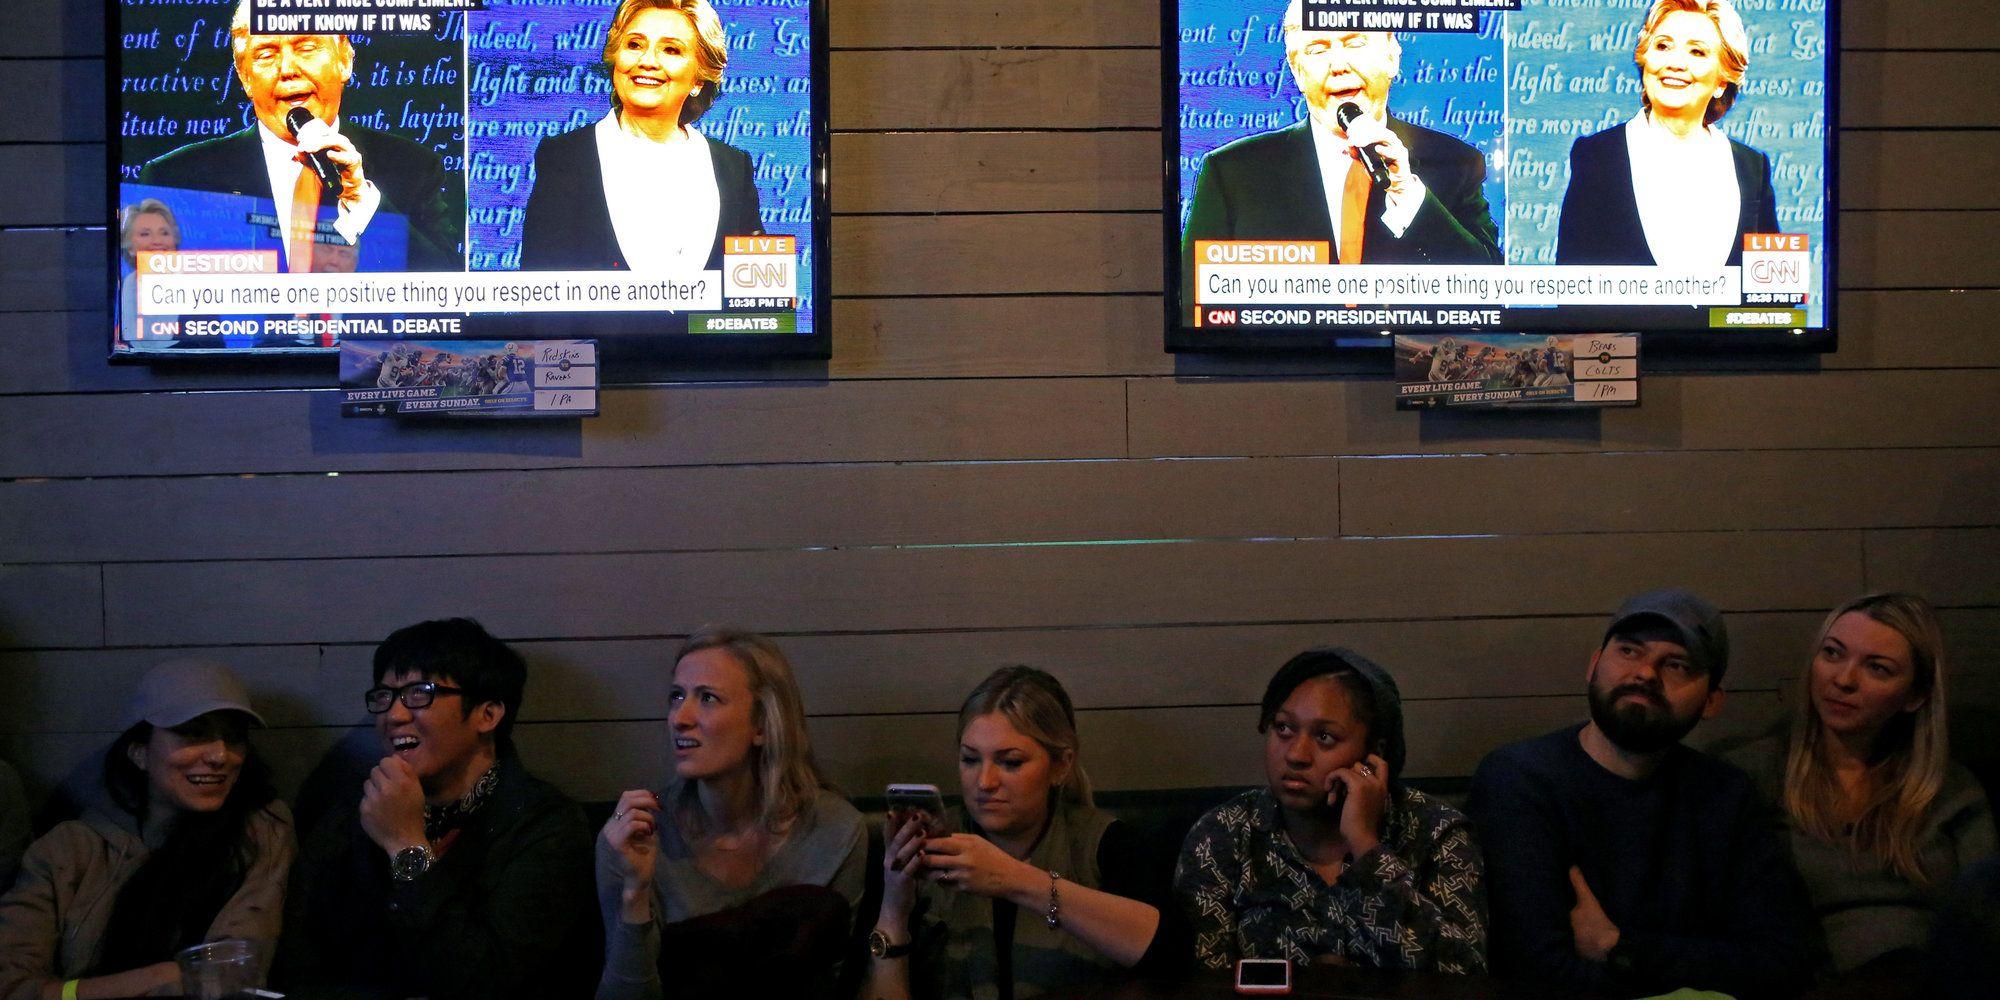 Final Presidential Debate Draws 72 Million Viewers